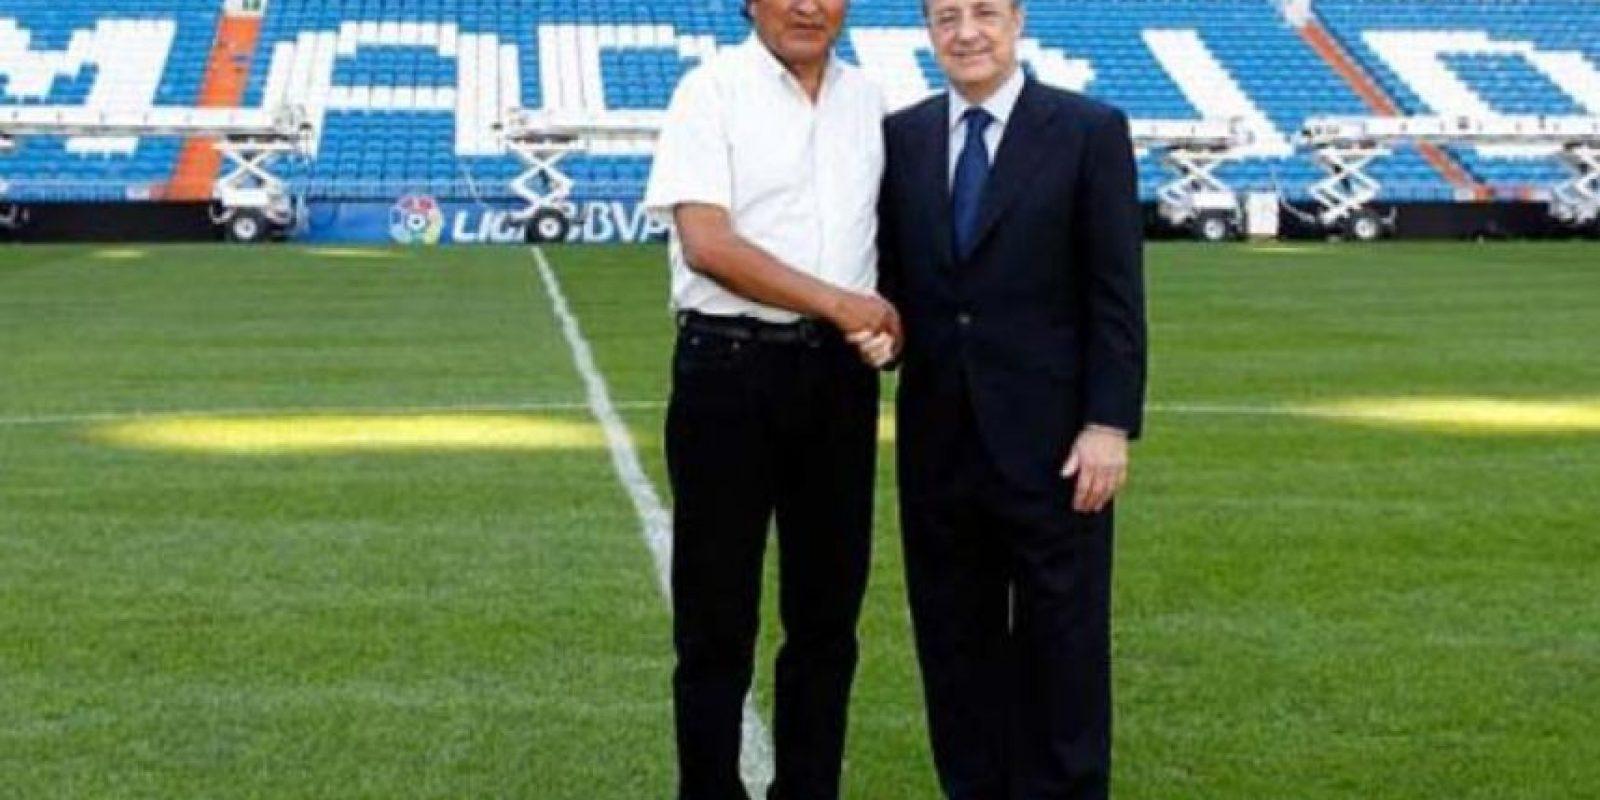 Inclusive pisó el césped del estadio Santiago Bernabéu con Florentino Pérez, presidente del equipo.